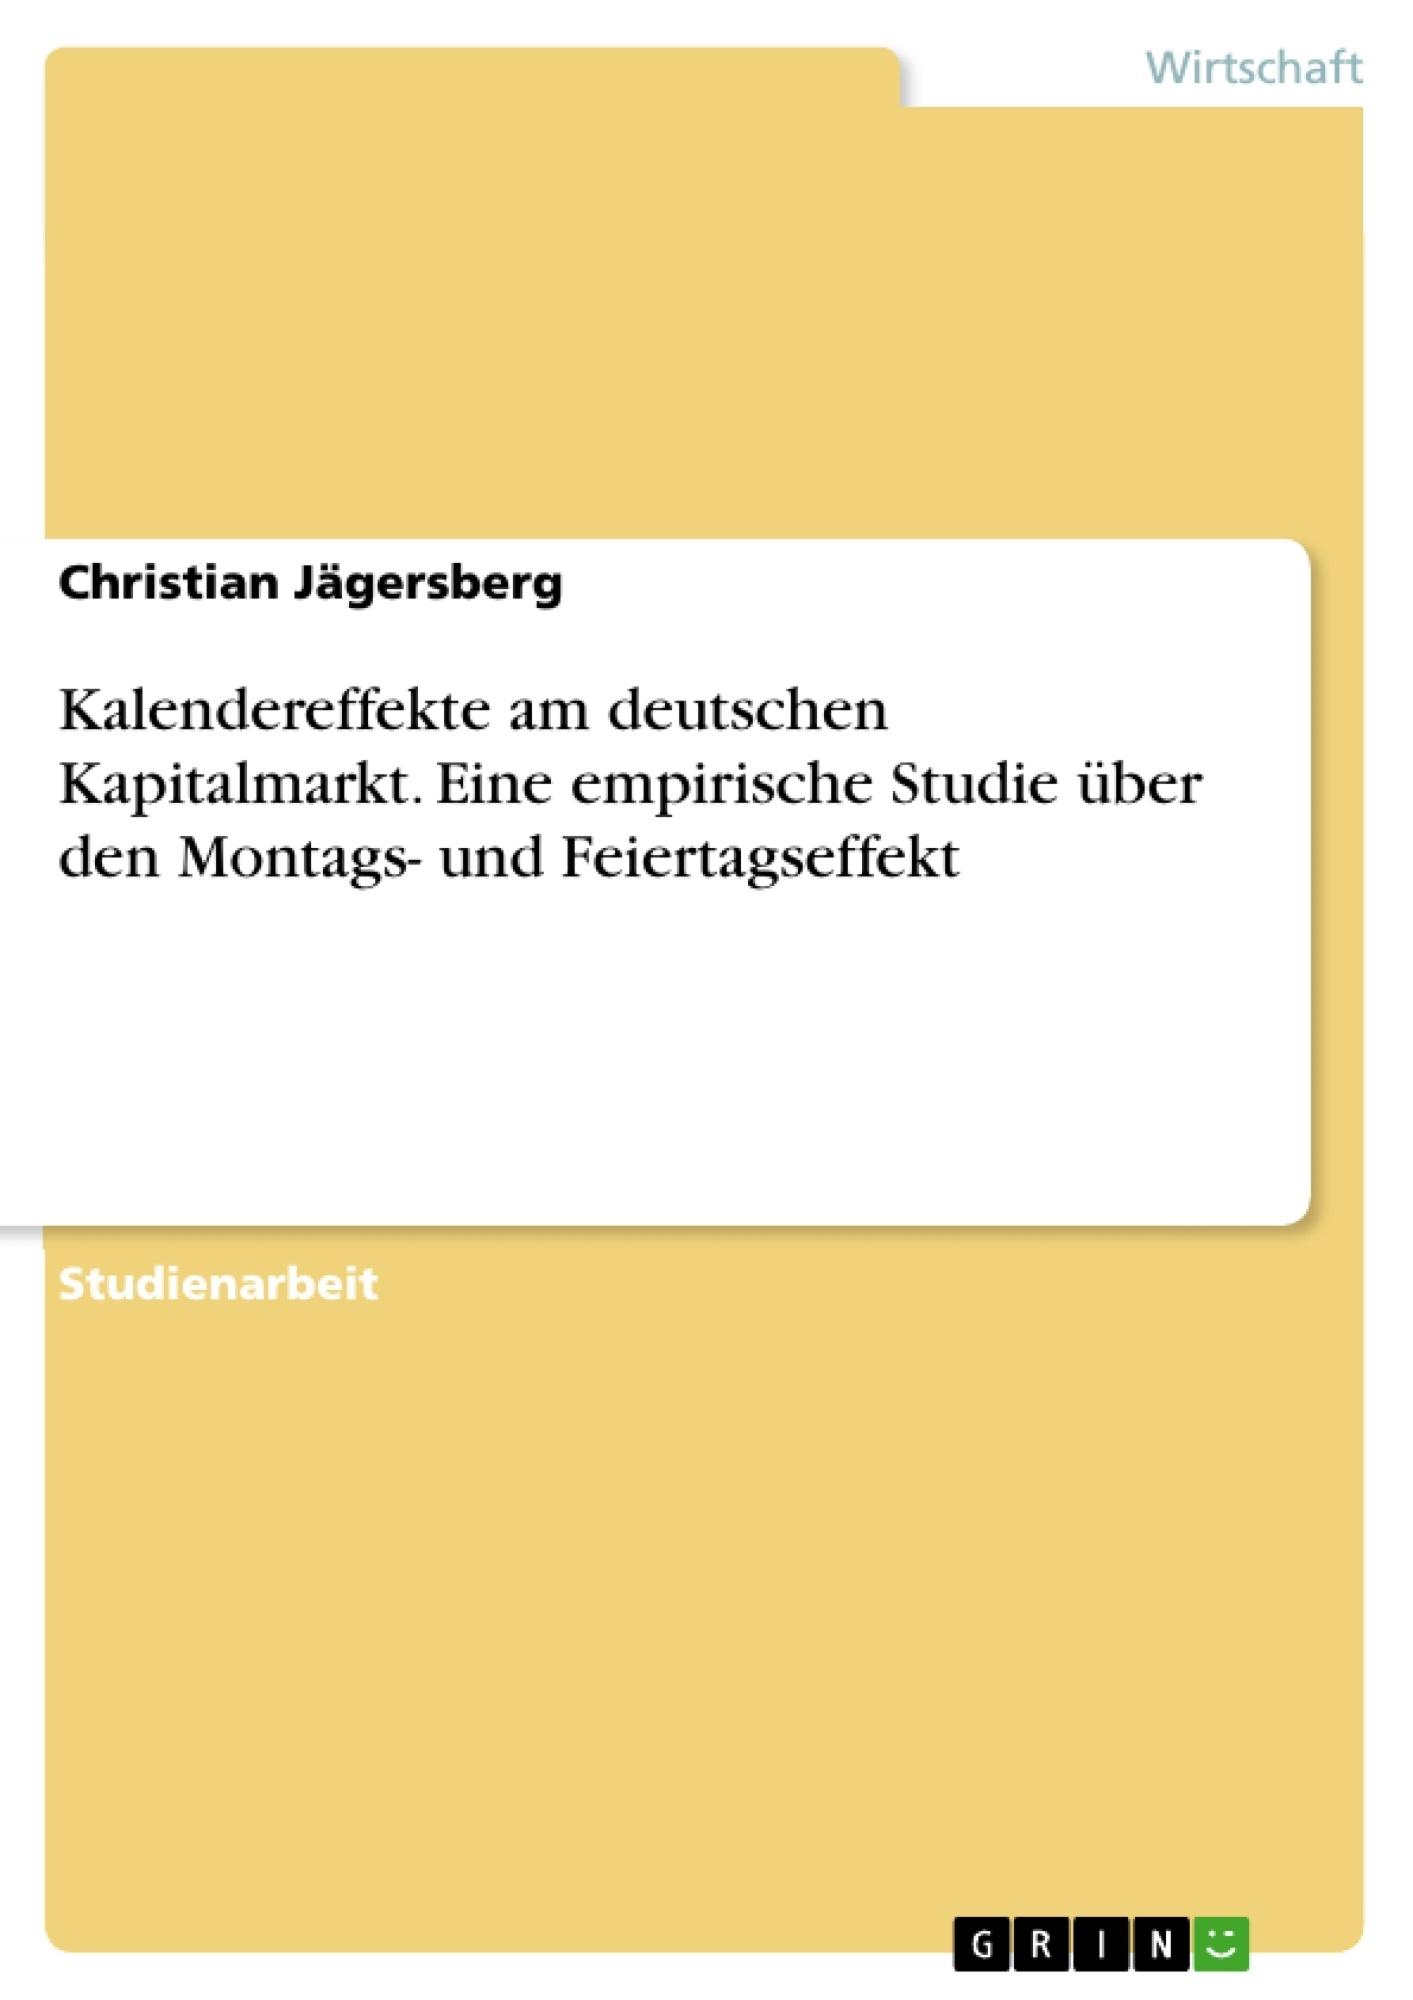 Titel: Kalendereffekte am deutschen Kapitalmarkt. Eine empirische Studie über den Montags- und Feiertagseffekt